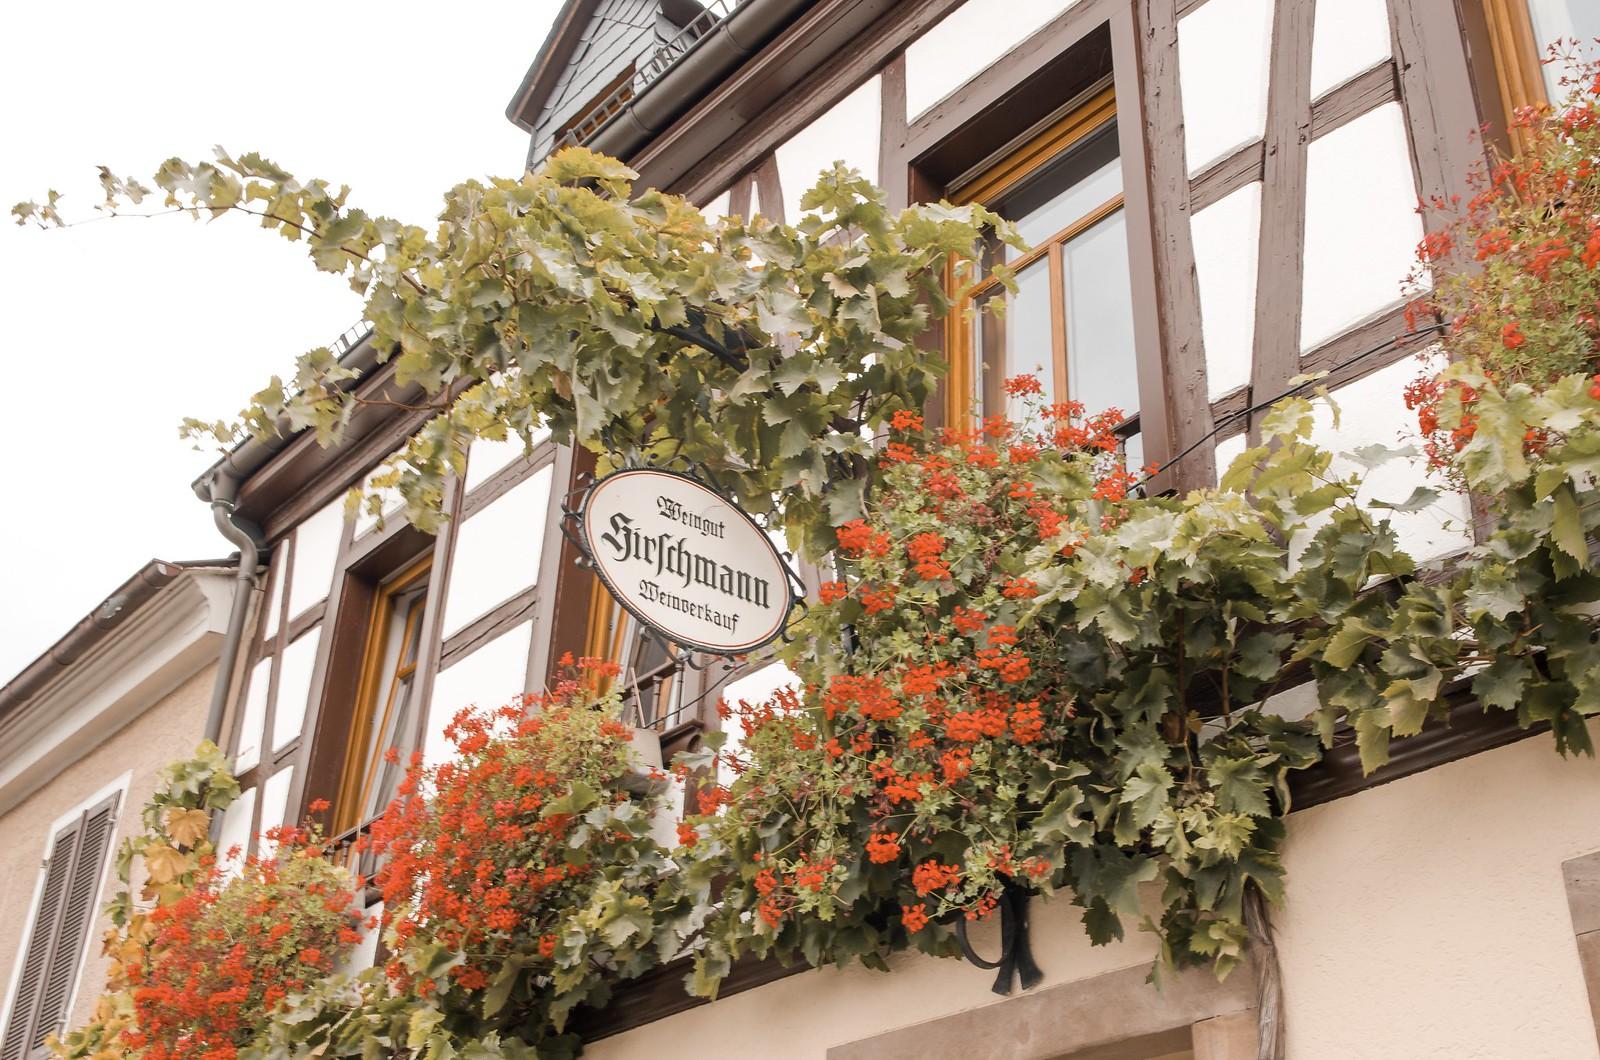 Viaje a región vinícola de Rheingau | ©mvesblog